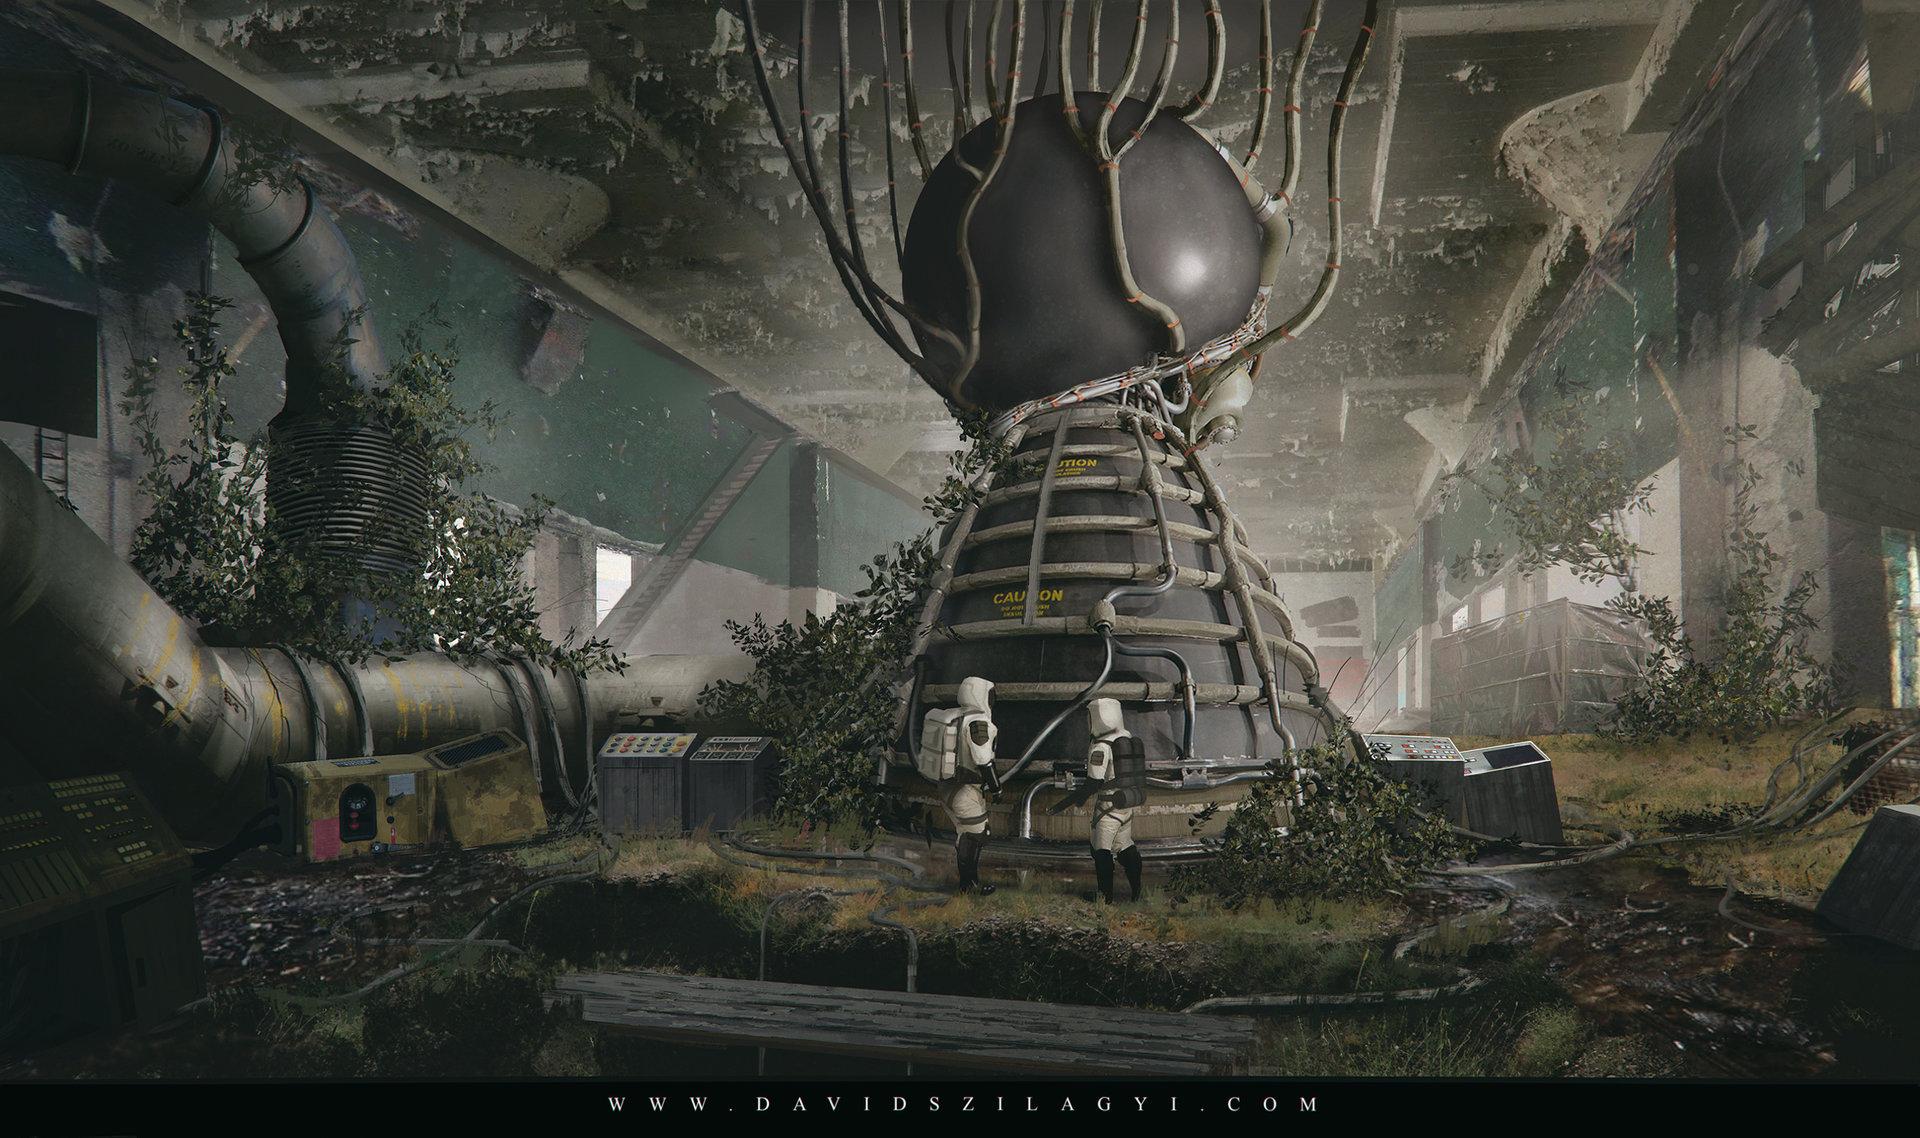 David szilagyi env the underground generator 8 20 15 dszilagyi 04